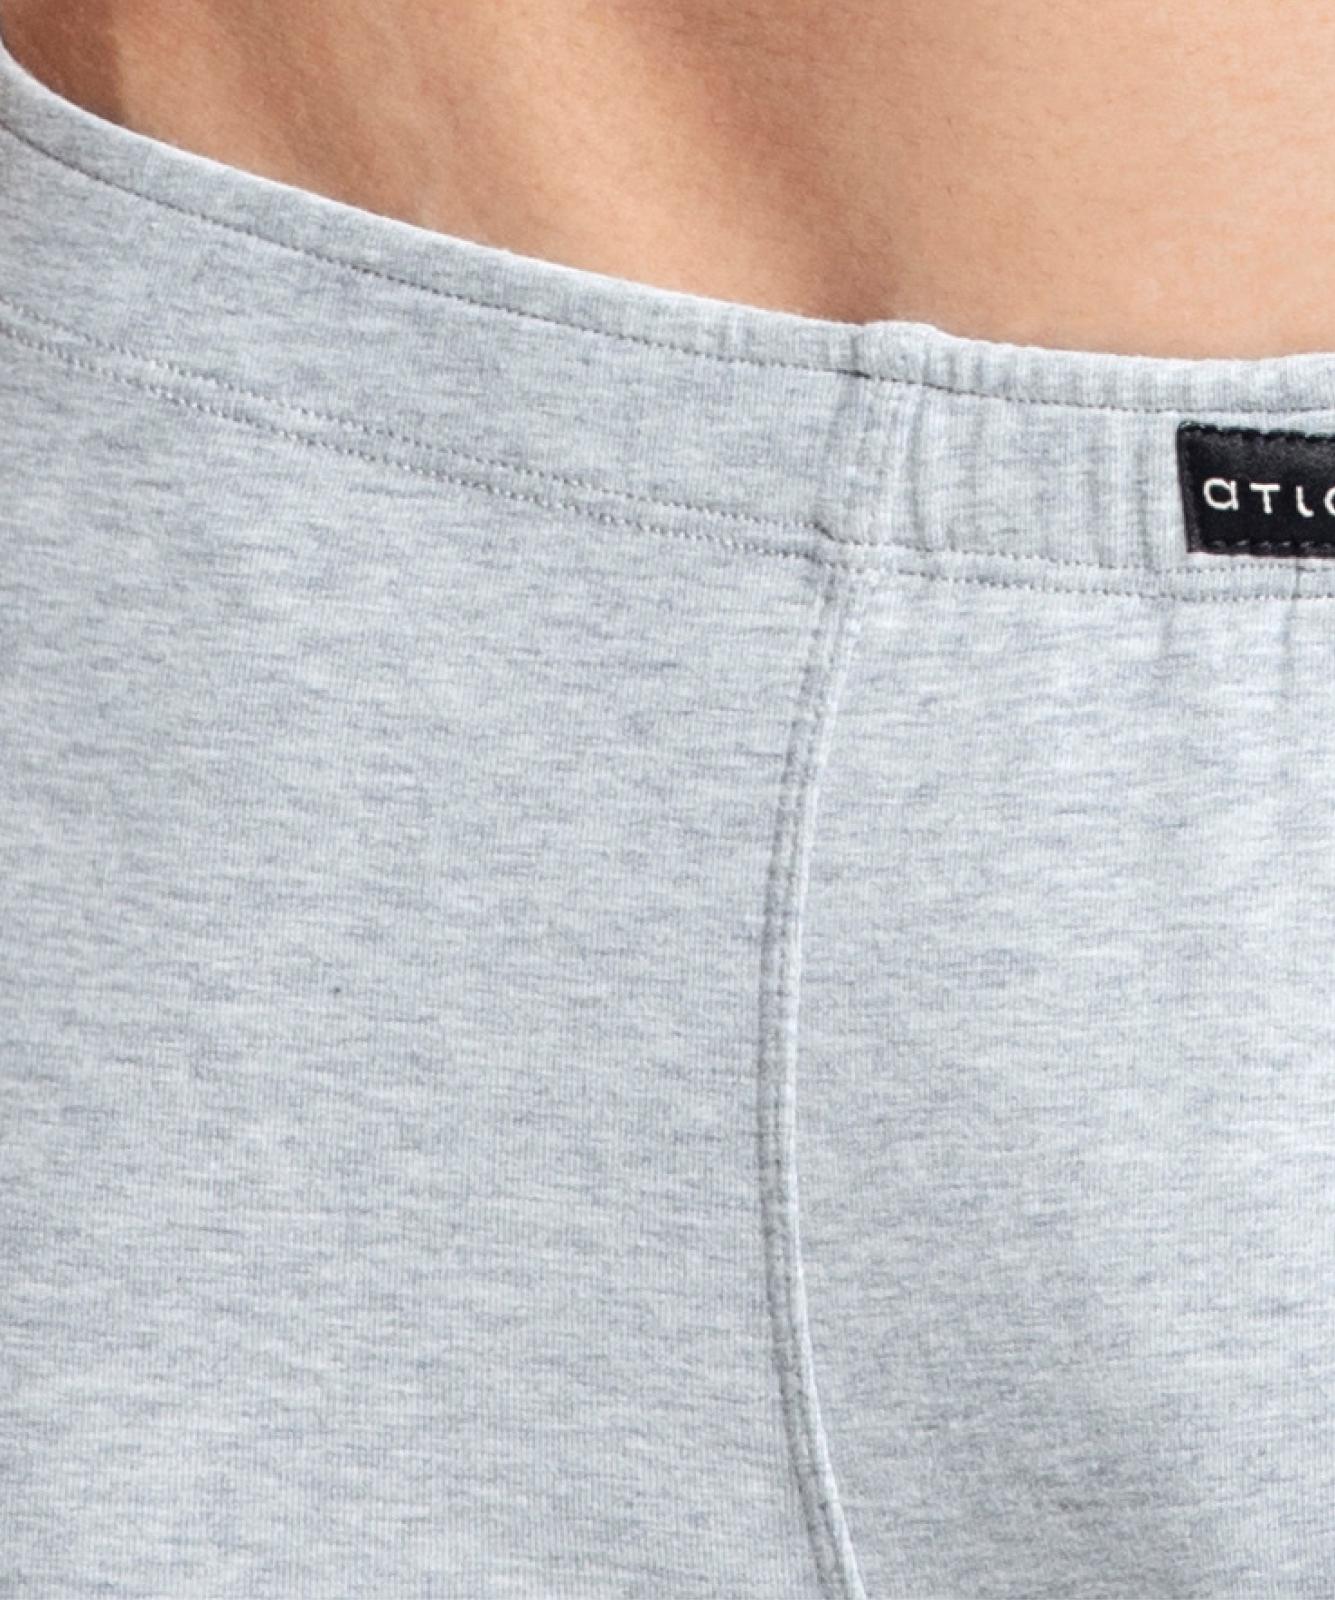 Мужские трусы шорты Atlantic, набор из 3 шт., хлопок, темно-синие + серый меланж + графит, 3MH-007